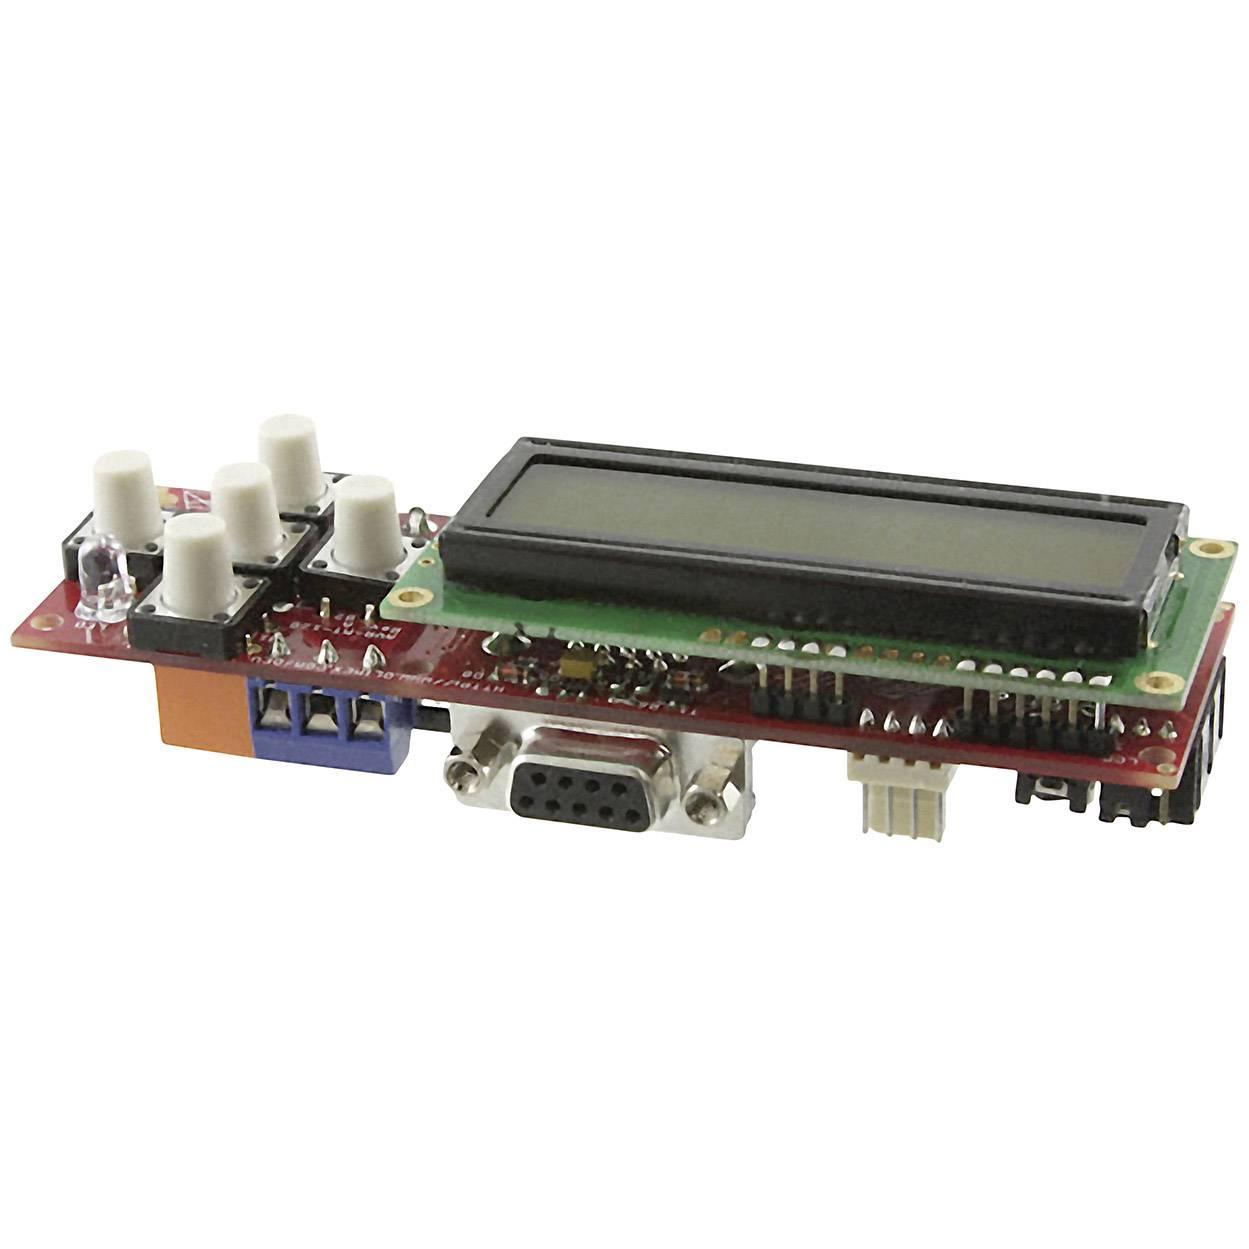 Vývojová doska pre ATMEGA128 Olimex AVR-MT128